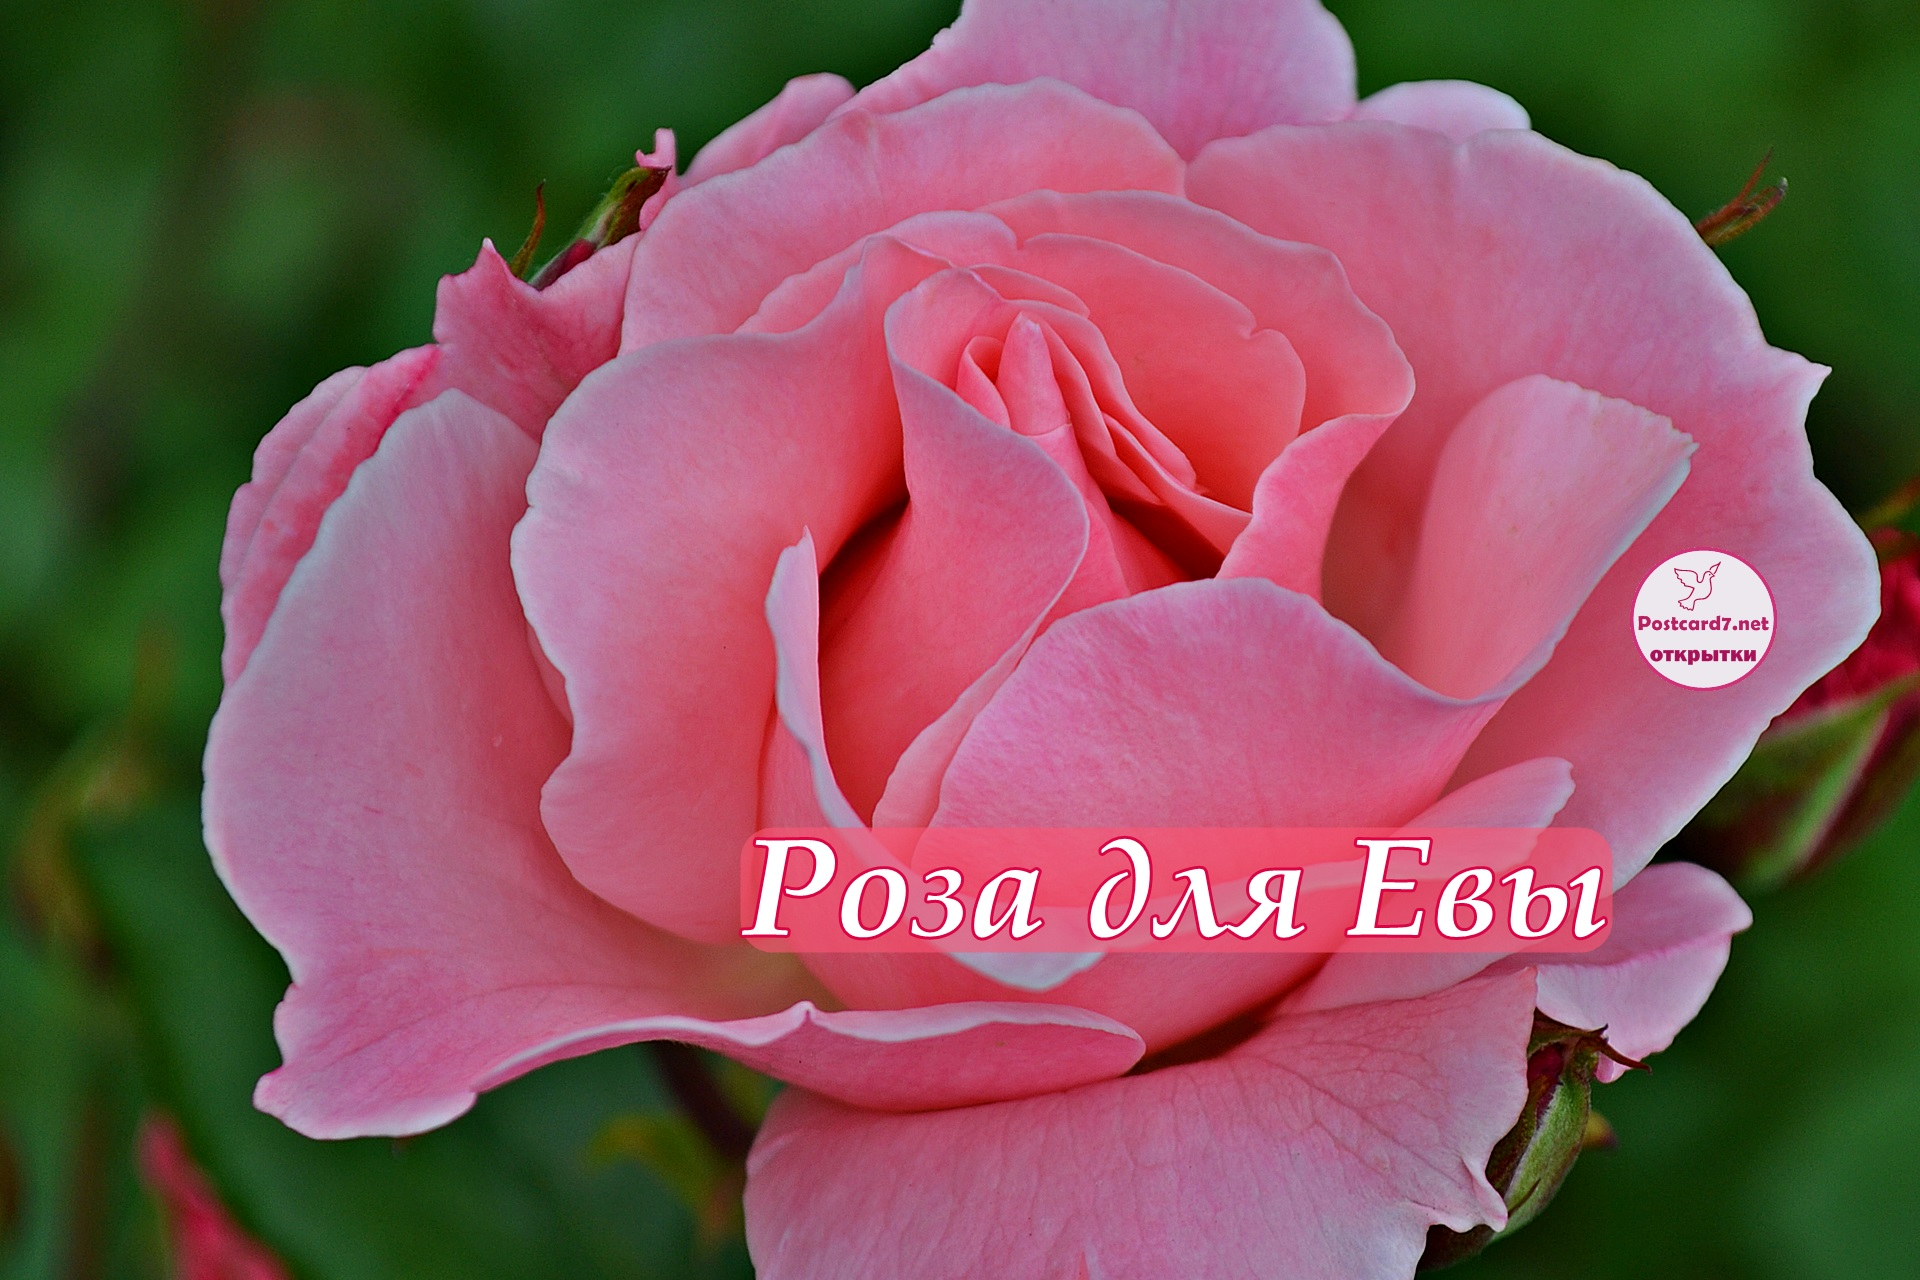 Розовая роза Еве, красивая открытка